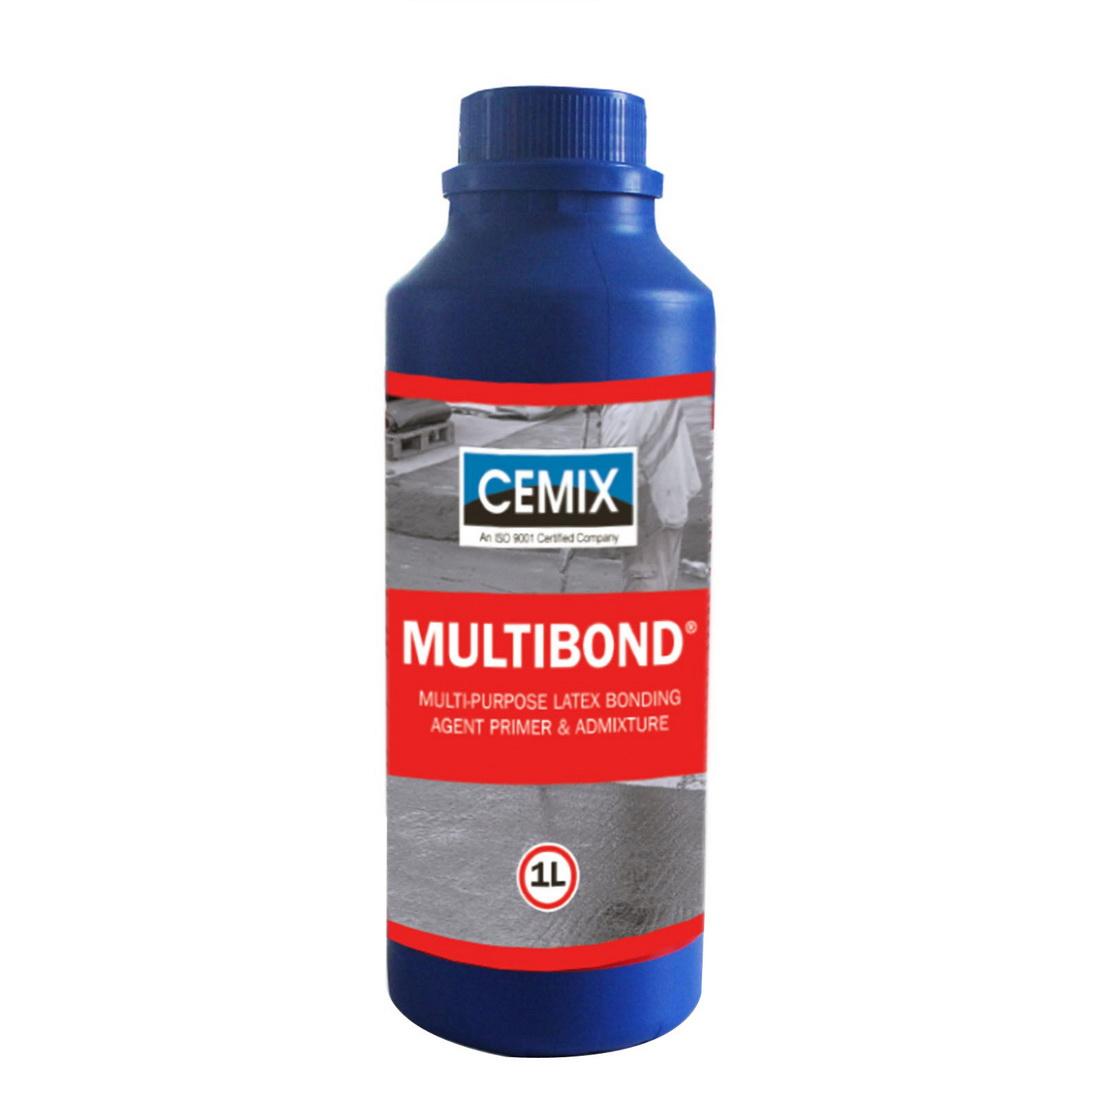 Multibond 1L Bottle Latex Bonding Agent Milky White Liquid